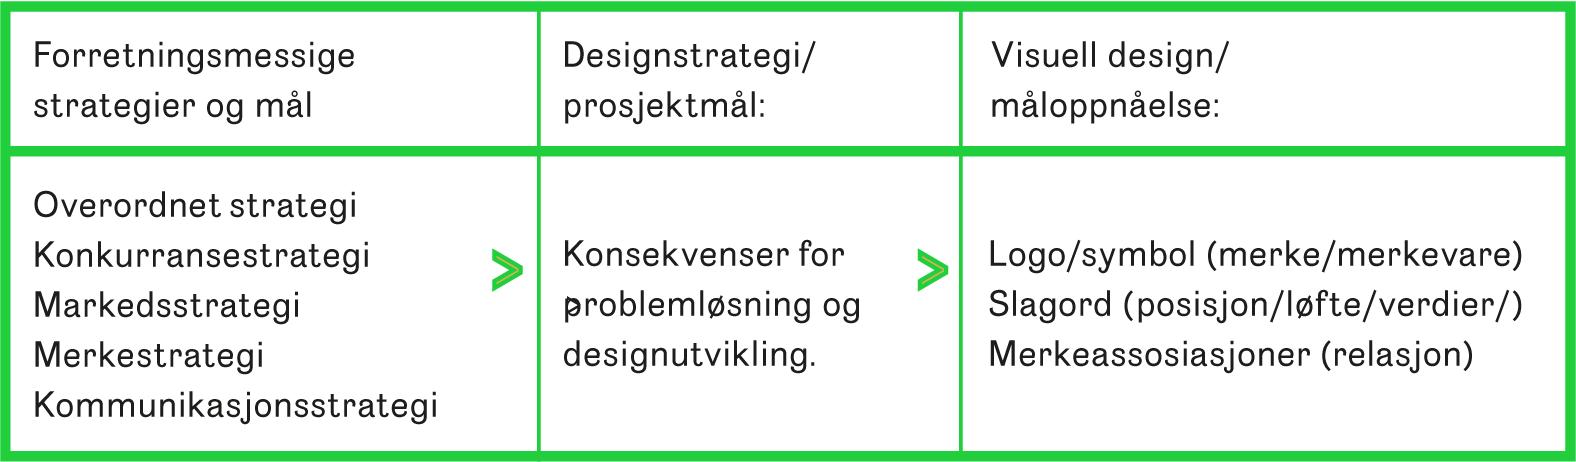 Tabell 1 Designstrategien bygger bro mellom strategier og design. Her viser vi et eksempel på kobling mellom strategi og design i et merkebyggingsprosjekt.